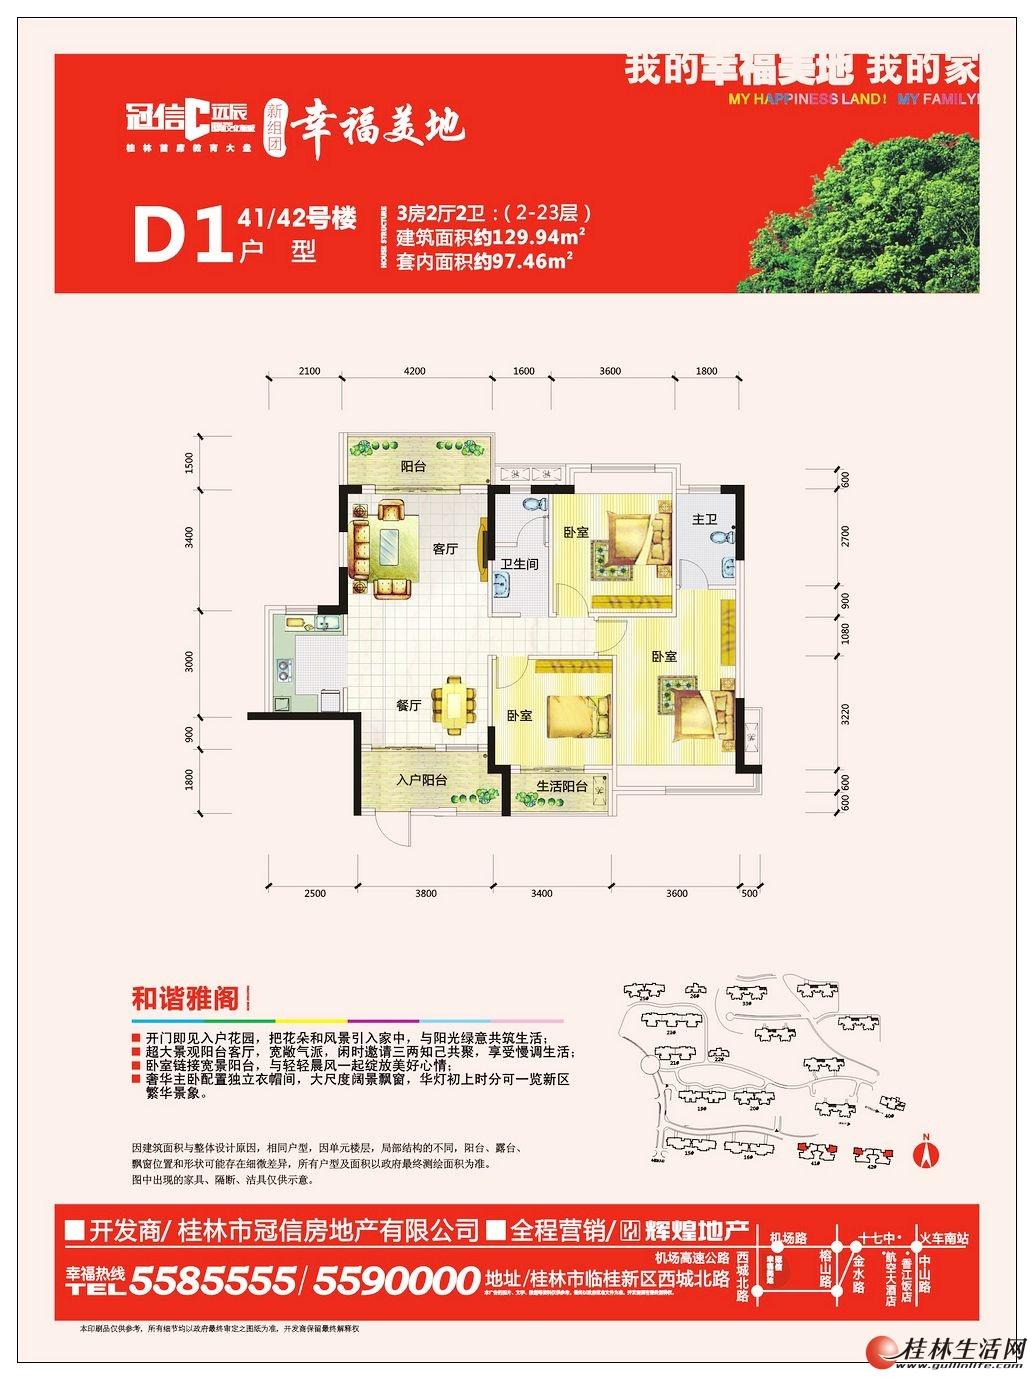 幸福美地 41/42号楼D1户型 3房2厅2卫 129.94㎡